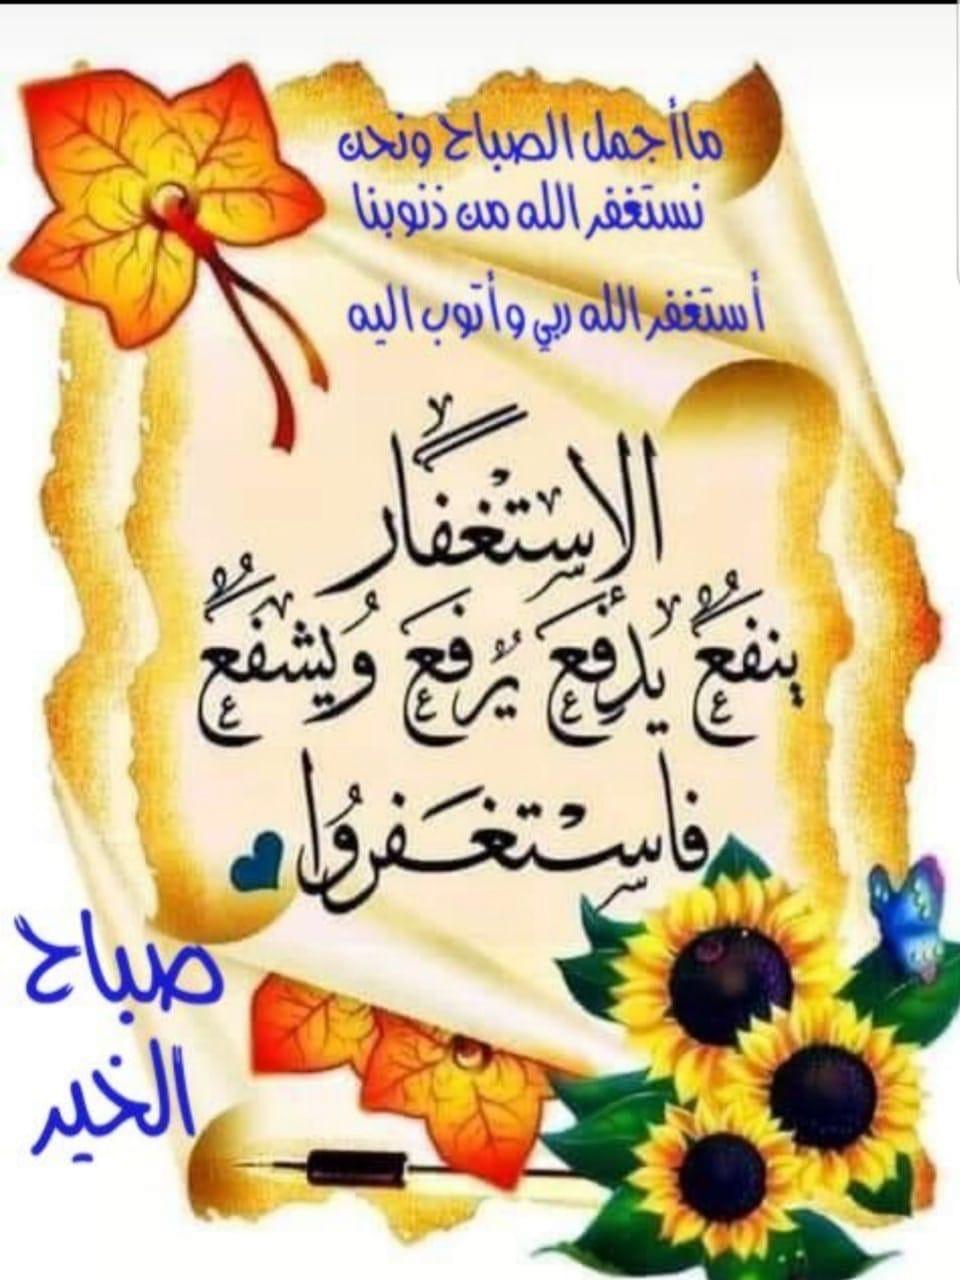 ما أجمل الصباح و نحن نستغفر الله صباح الخير Coran Livre Bonjour Coran Islam